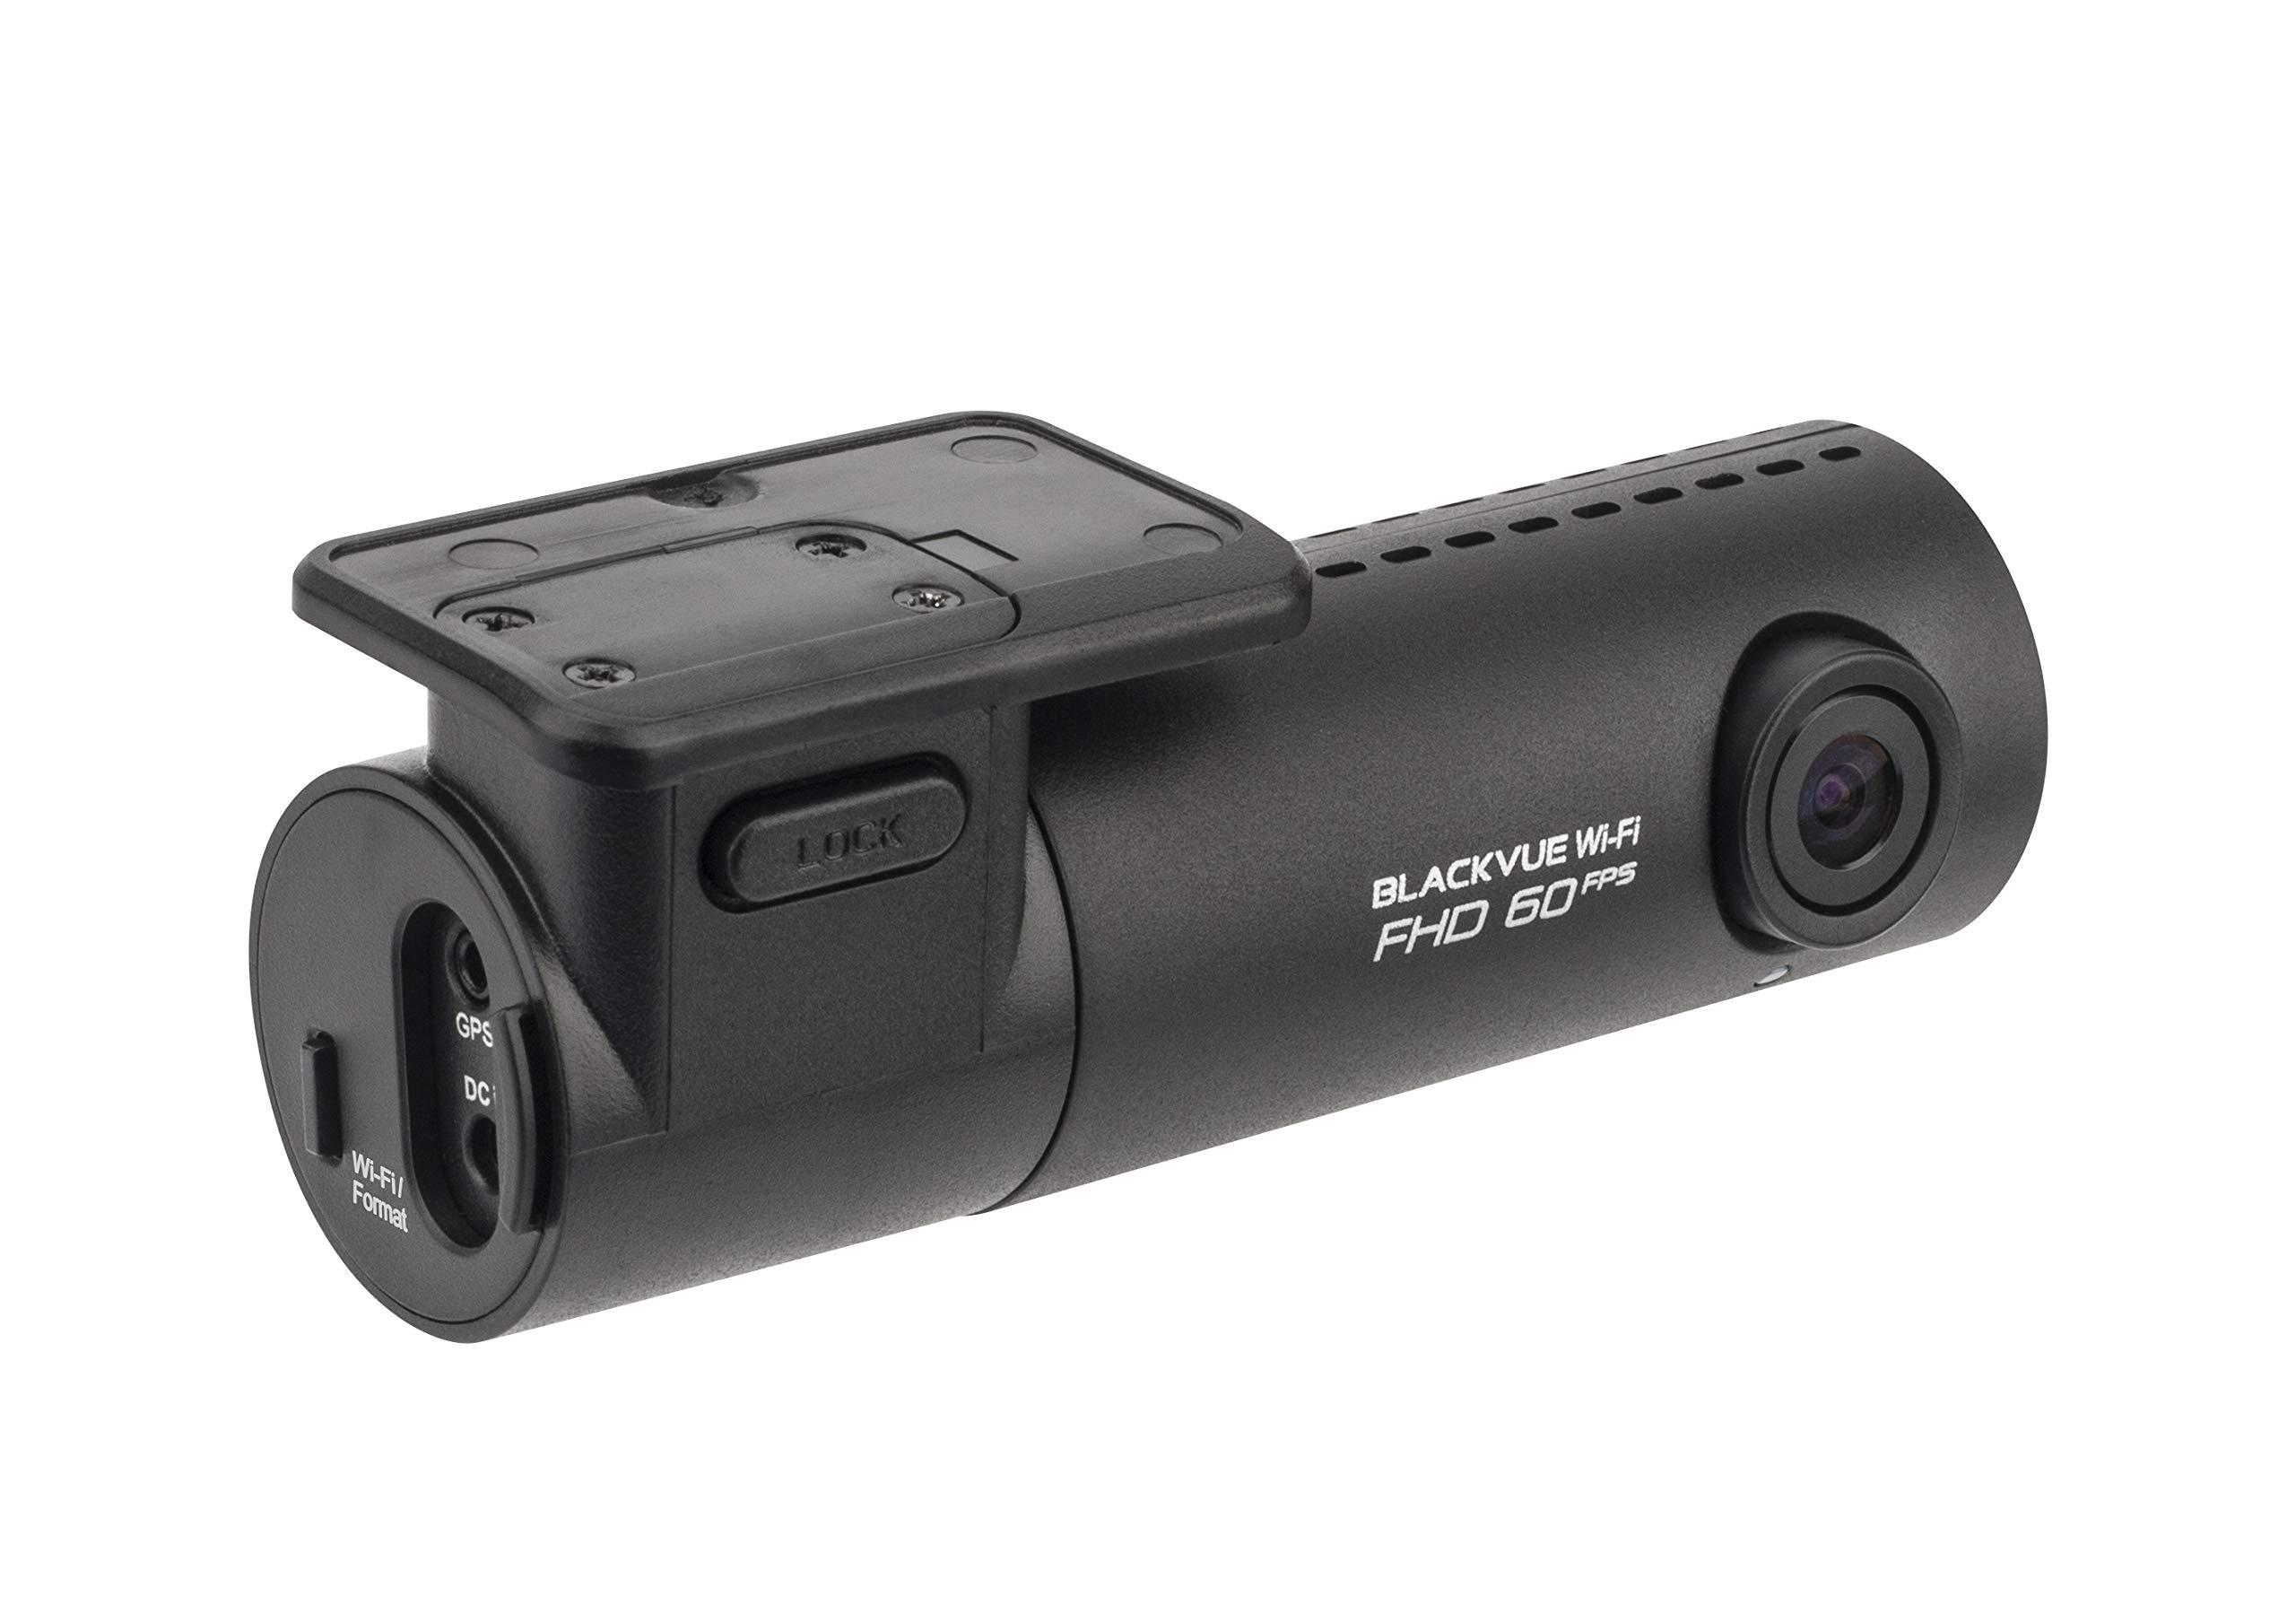 BlackVue-DR590W-1CH-Full-HD-60FPS-Wi-Fi-Dashcam-16-GB